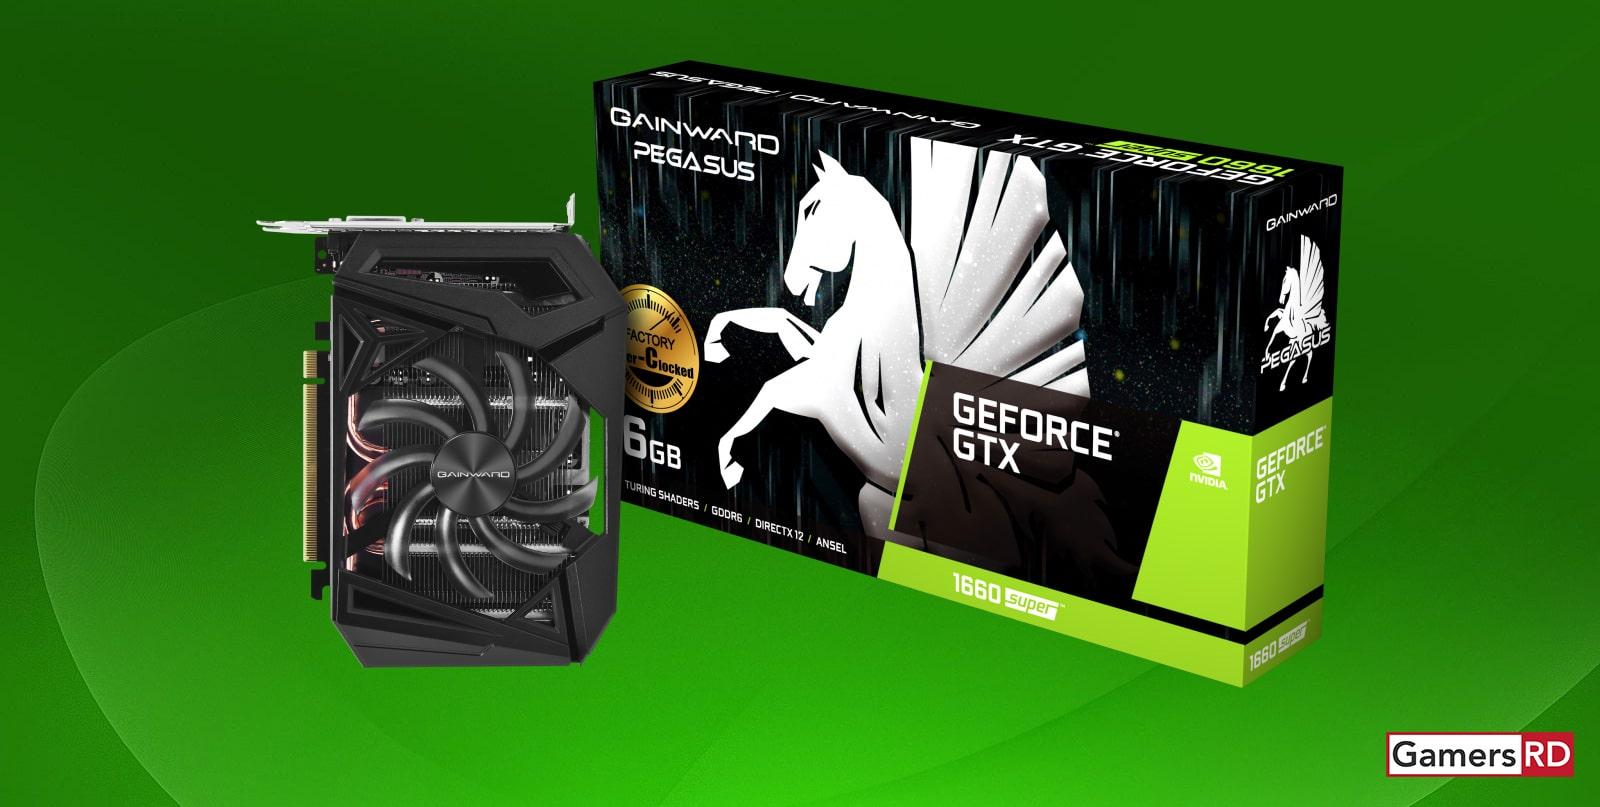 NVIDIA GeForce GTX 1660 Super Gainward Pegasus Review, GPU GamersRD